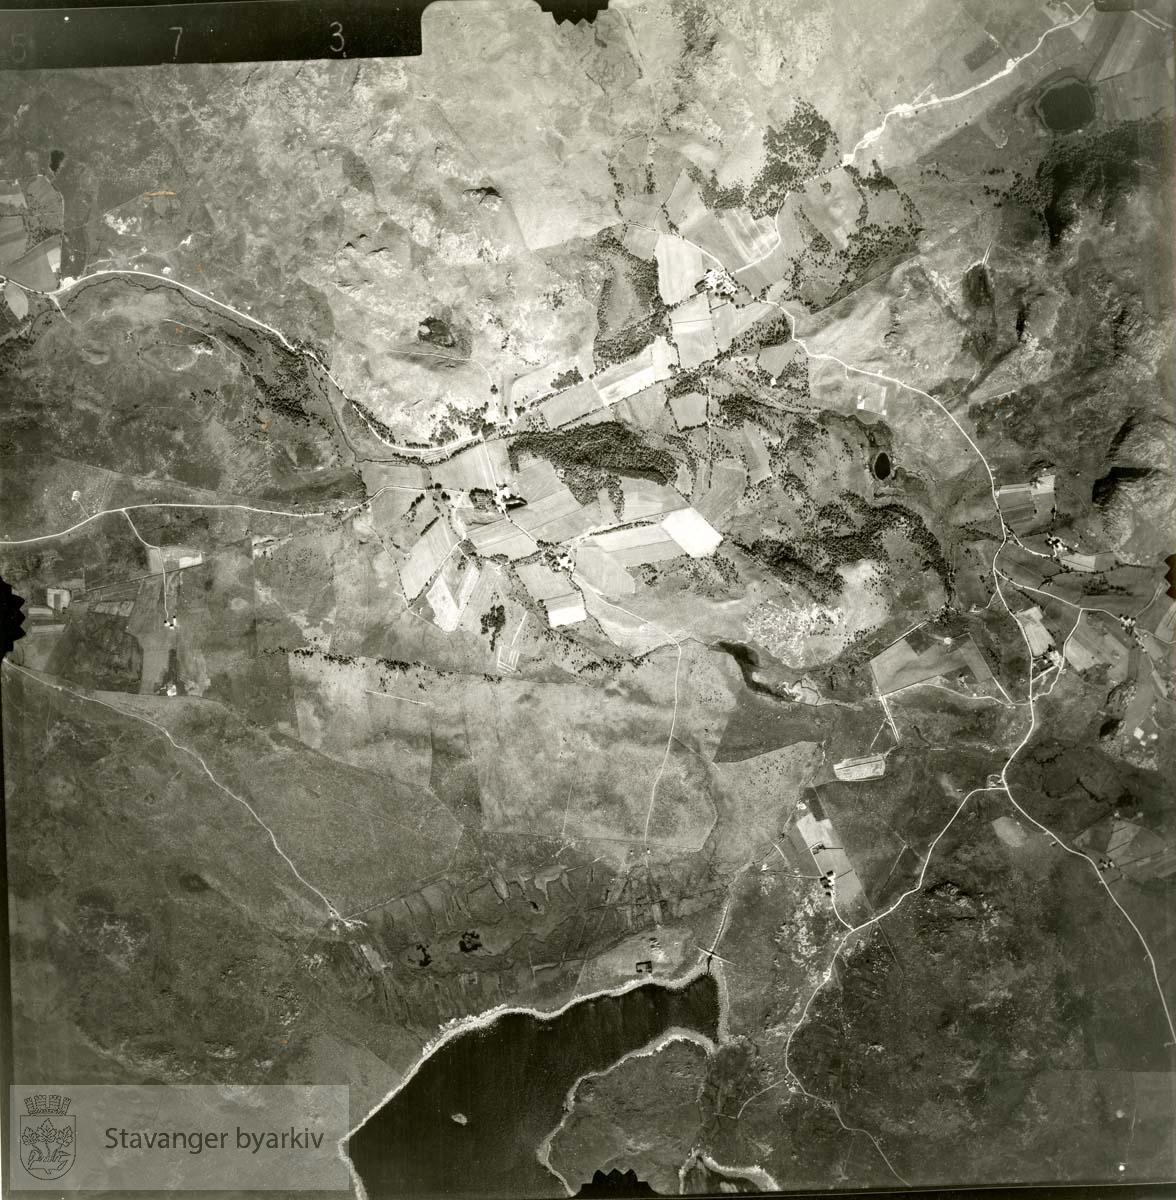 Jfr. kart/fotoplan G3/573...Se ByStW_Uca_002 (kan lastes ned under fanen for kart på Stavangerbilder)